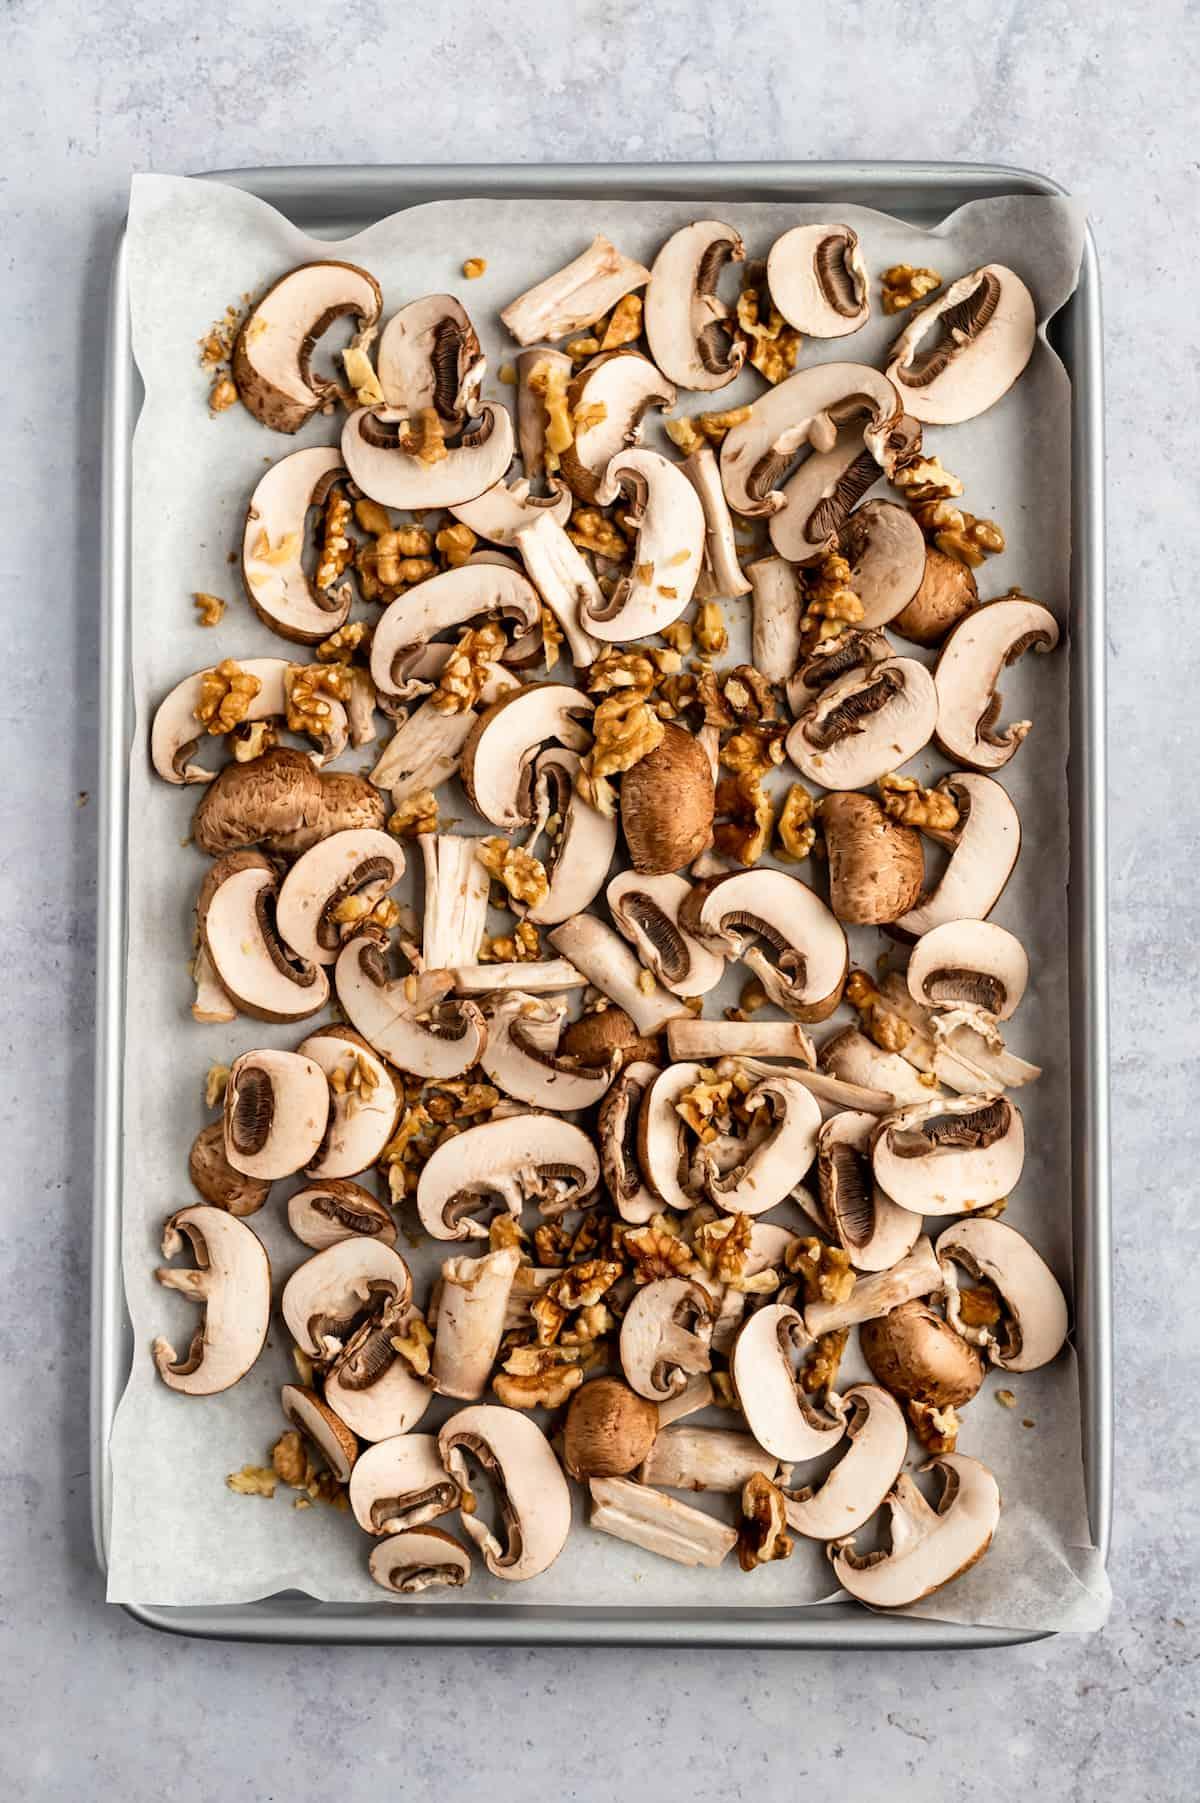 sheet pan of mushrooms and walnuts